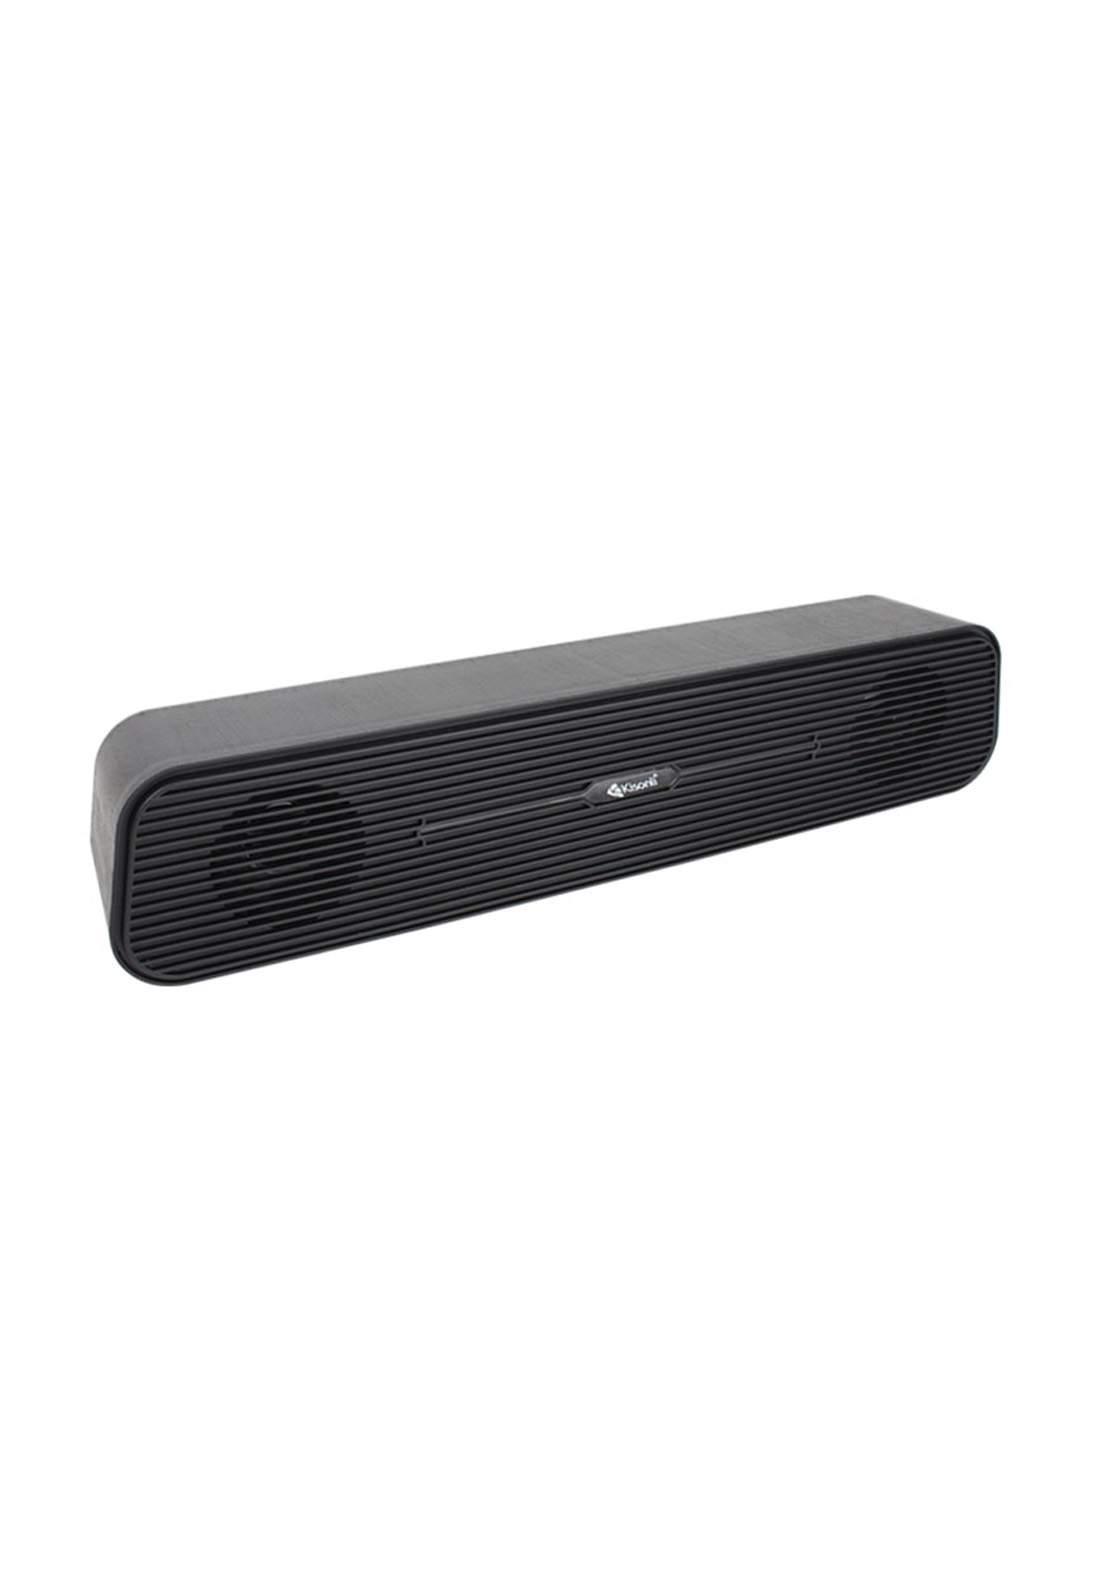 Kisonli i-520 mini speaker USB - Black  سبيكر